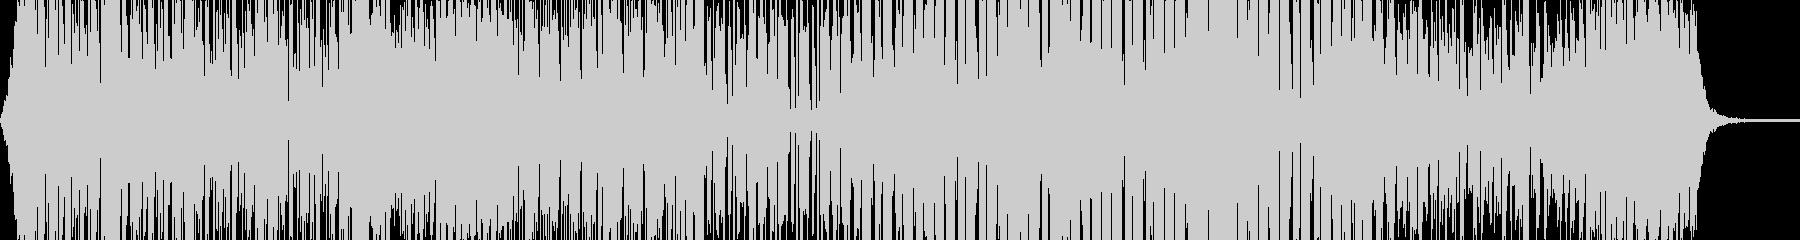 Anonatunokimitoの未再生の波形